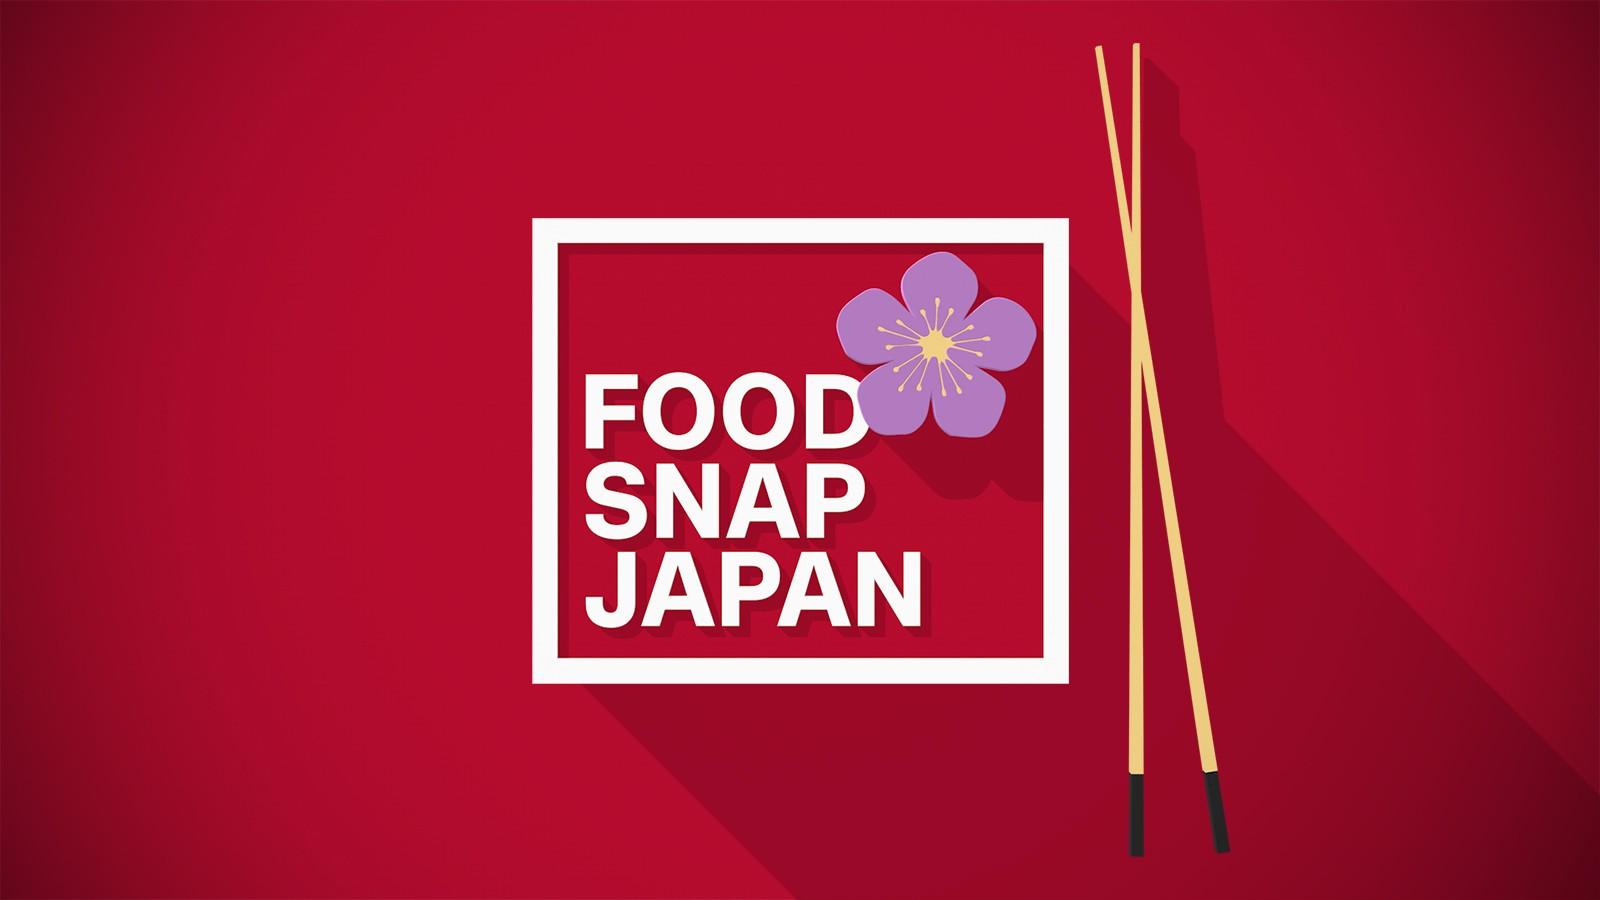 Food Snap Japan